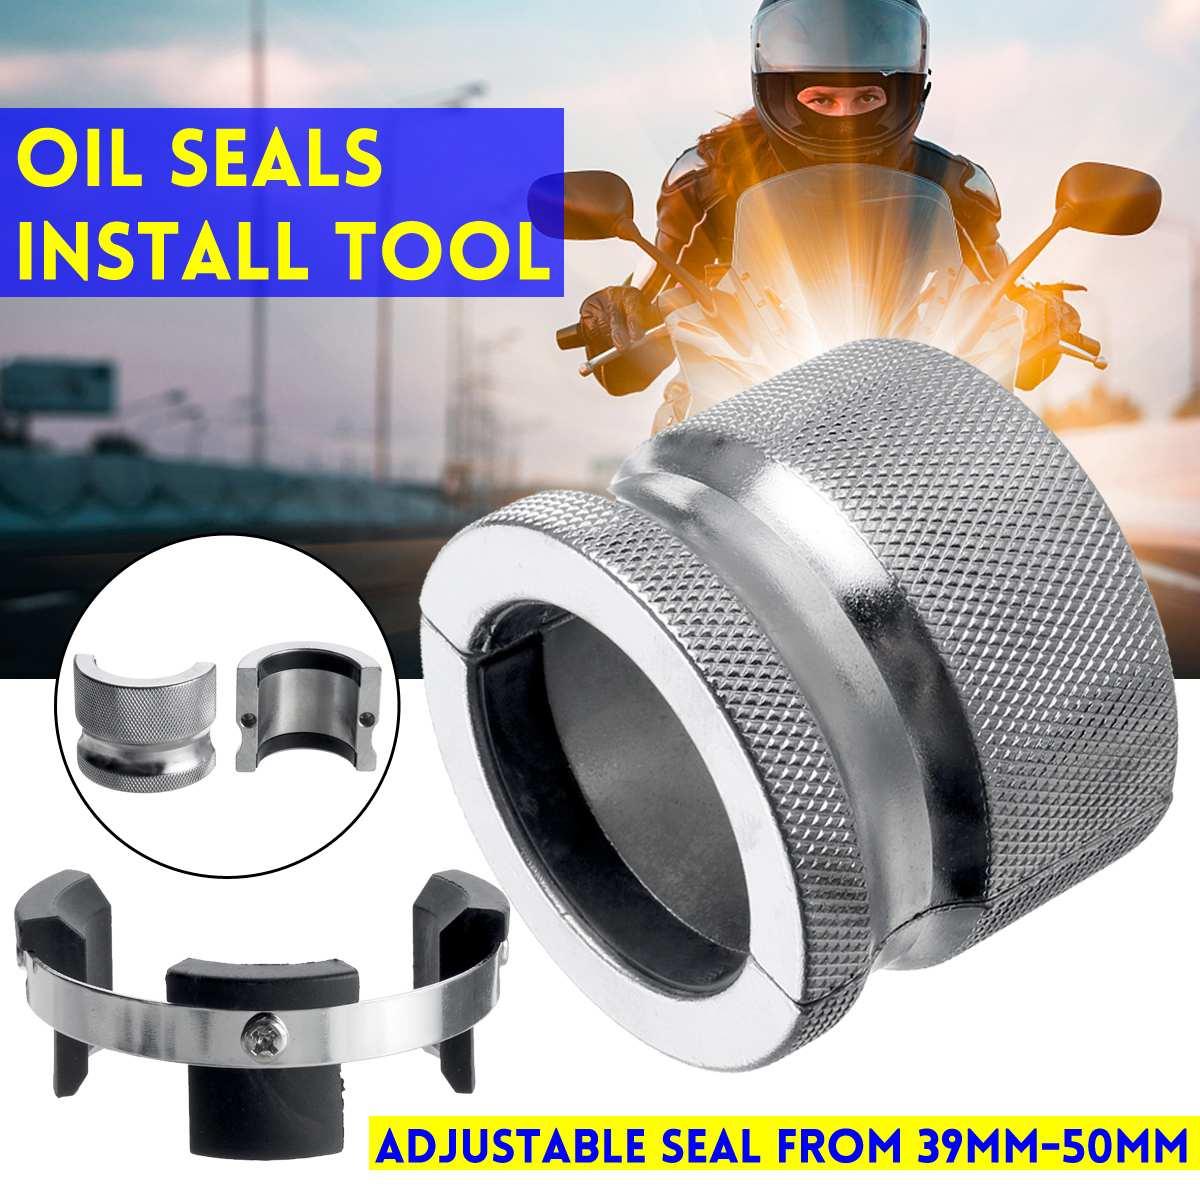 ferramenta especial de desmontagem automotiva ferramenta de montagem vedacao de garfos selos de oleo ferramenta de